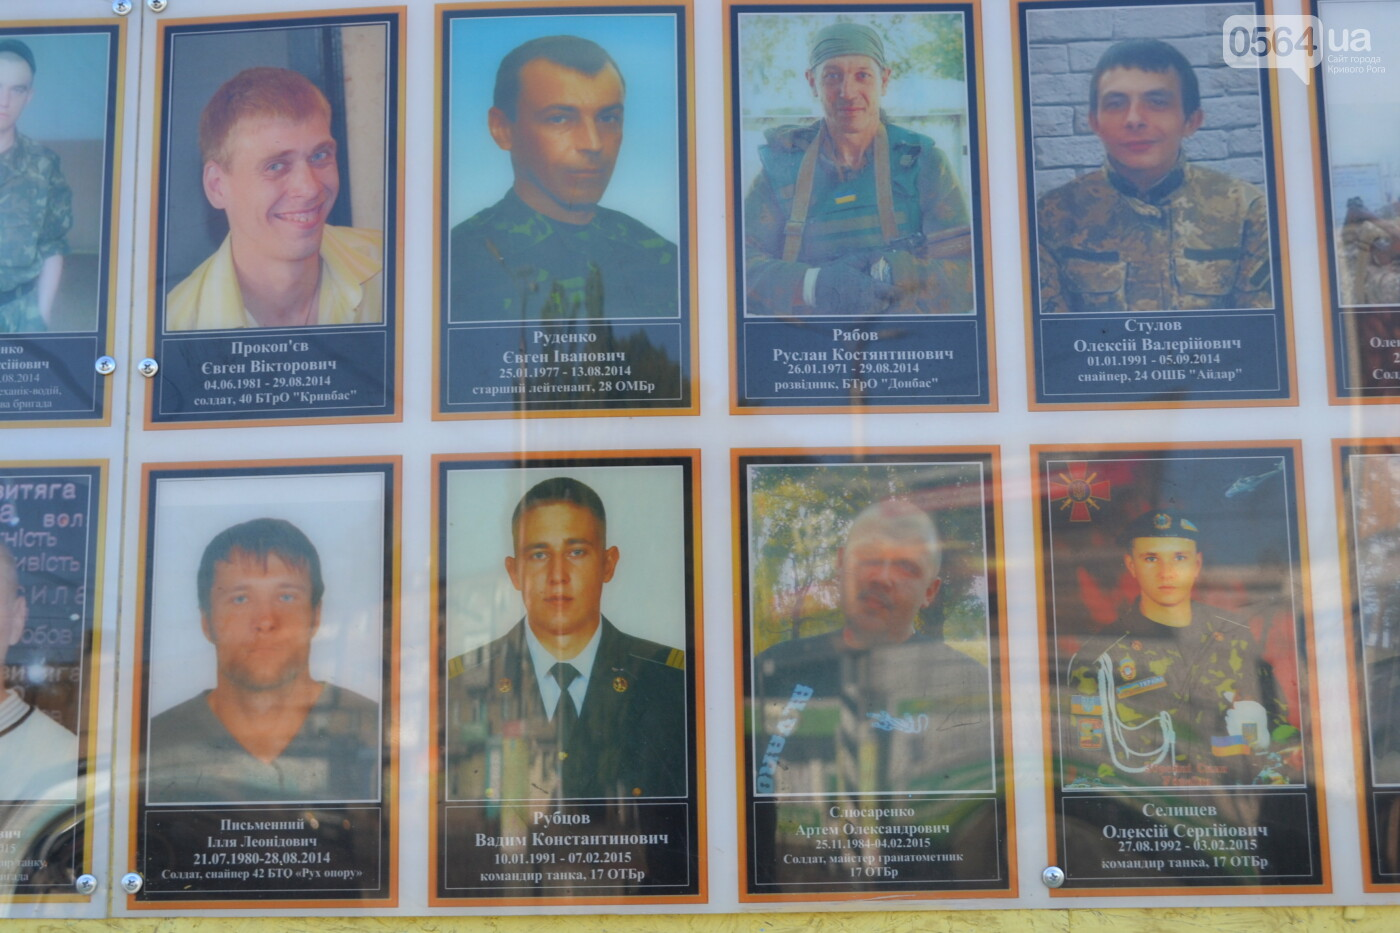 Поздравить живых, поклониться погибшим, - сегодня День защитника Украины, - ФОТО, фото-5